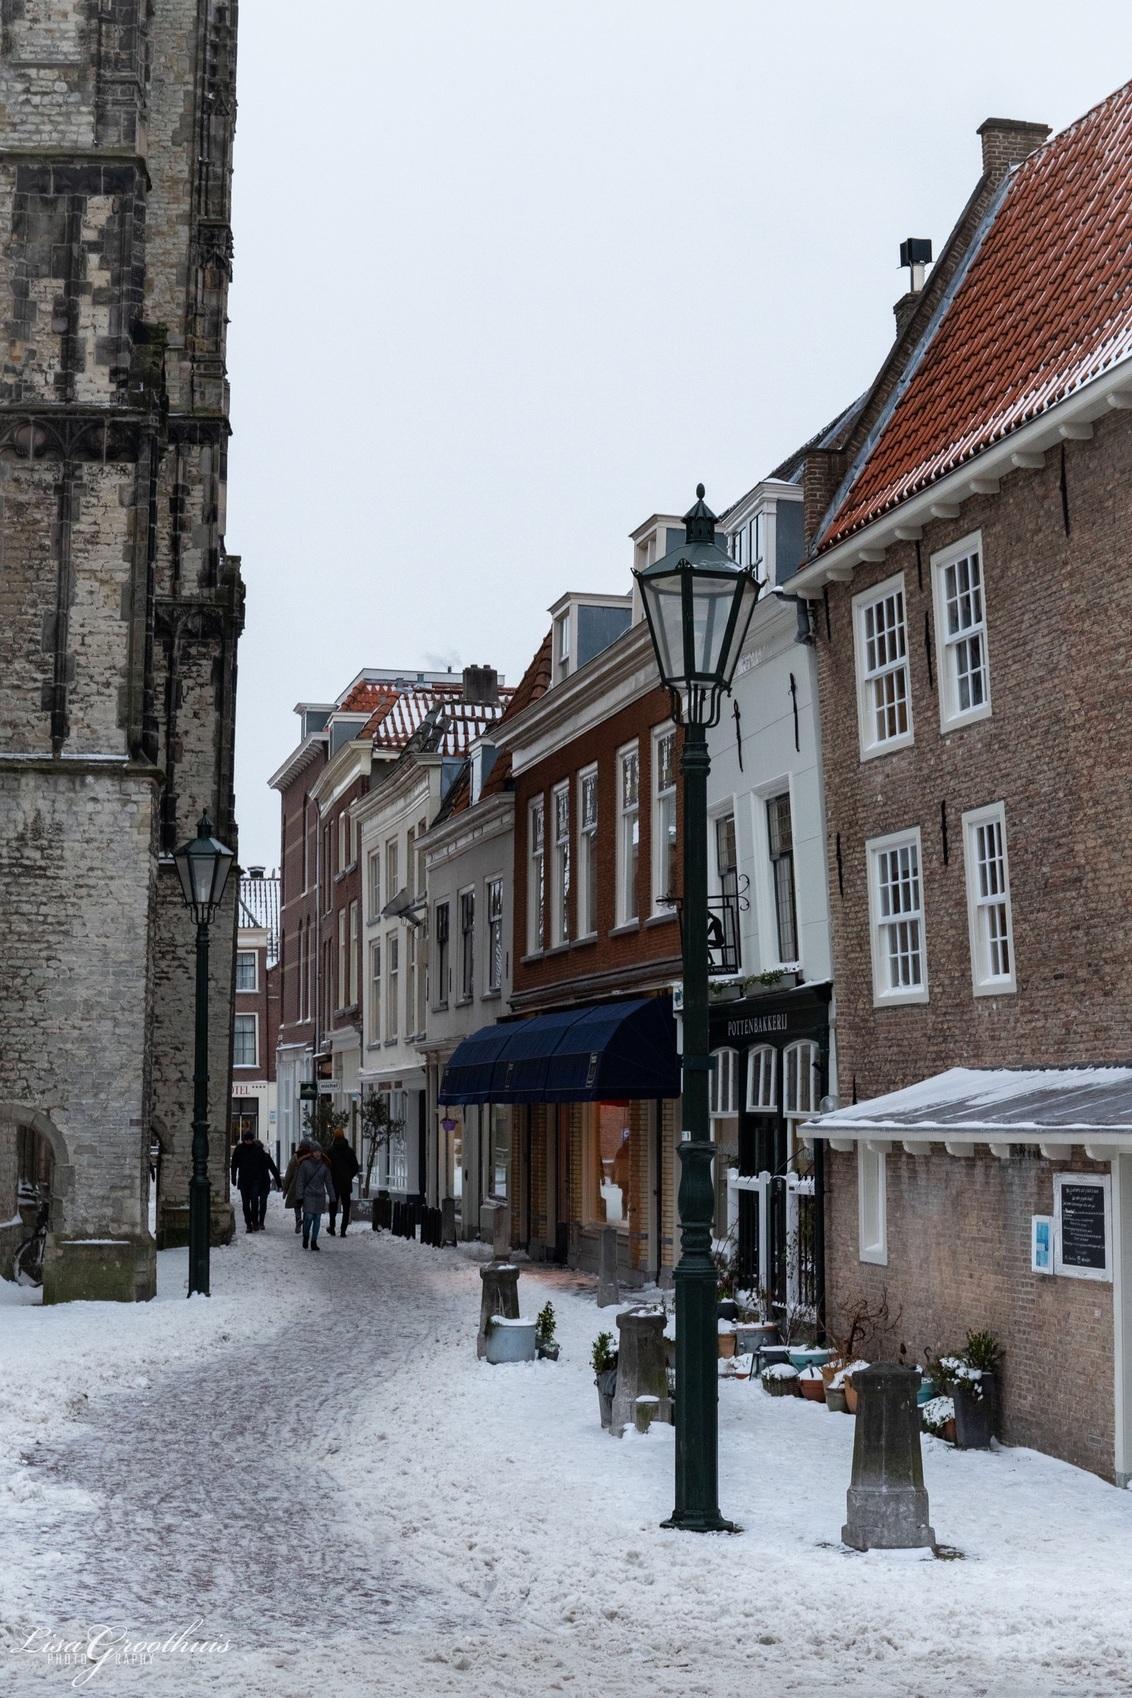 Delft in de sneeuw - - - foto door LGphotography op 09-02-2021 - deze foto bevat: mensen, sneeuw, architectuur, reizen, gebouw, straatfotografie, delft, toerisme, reisfotografie, europa